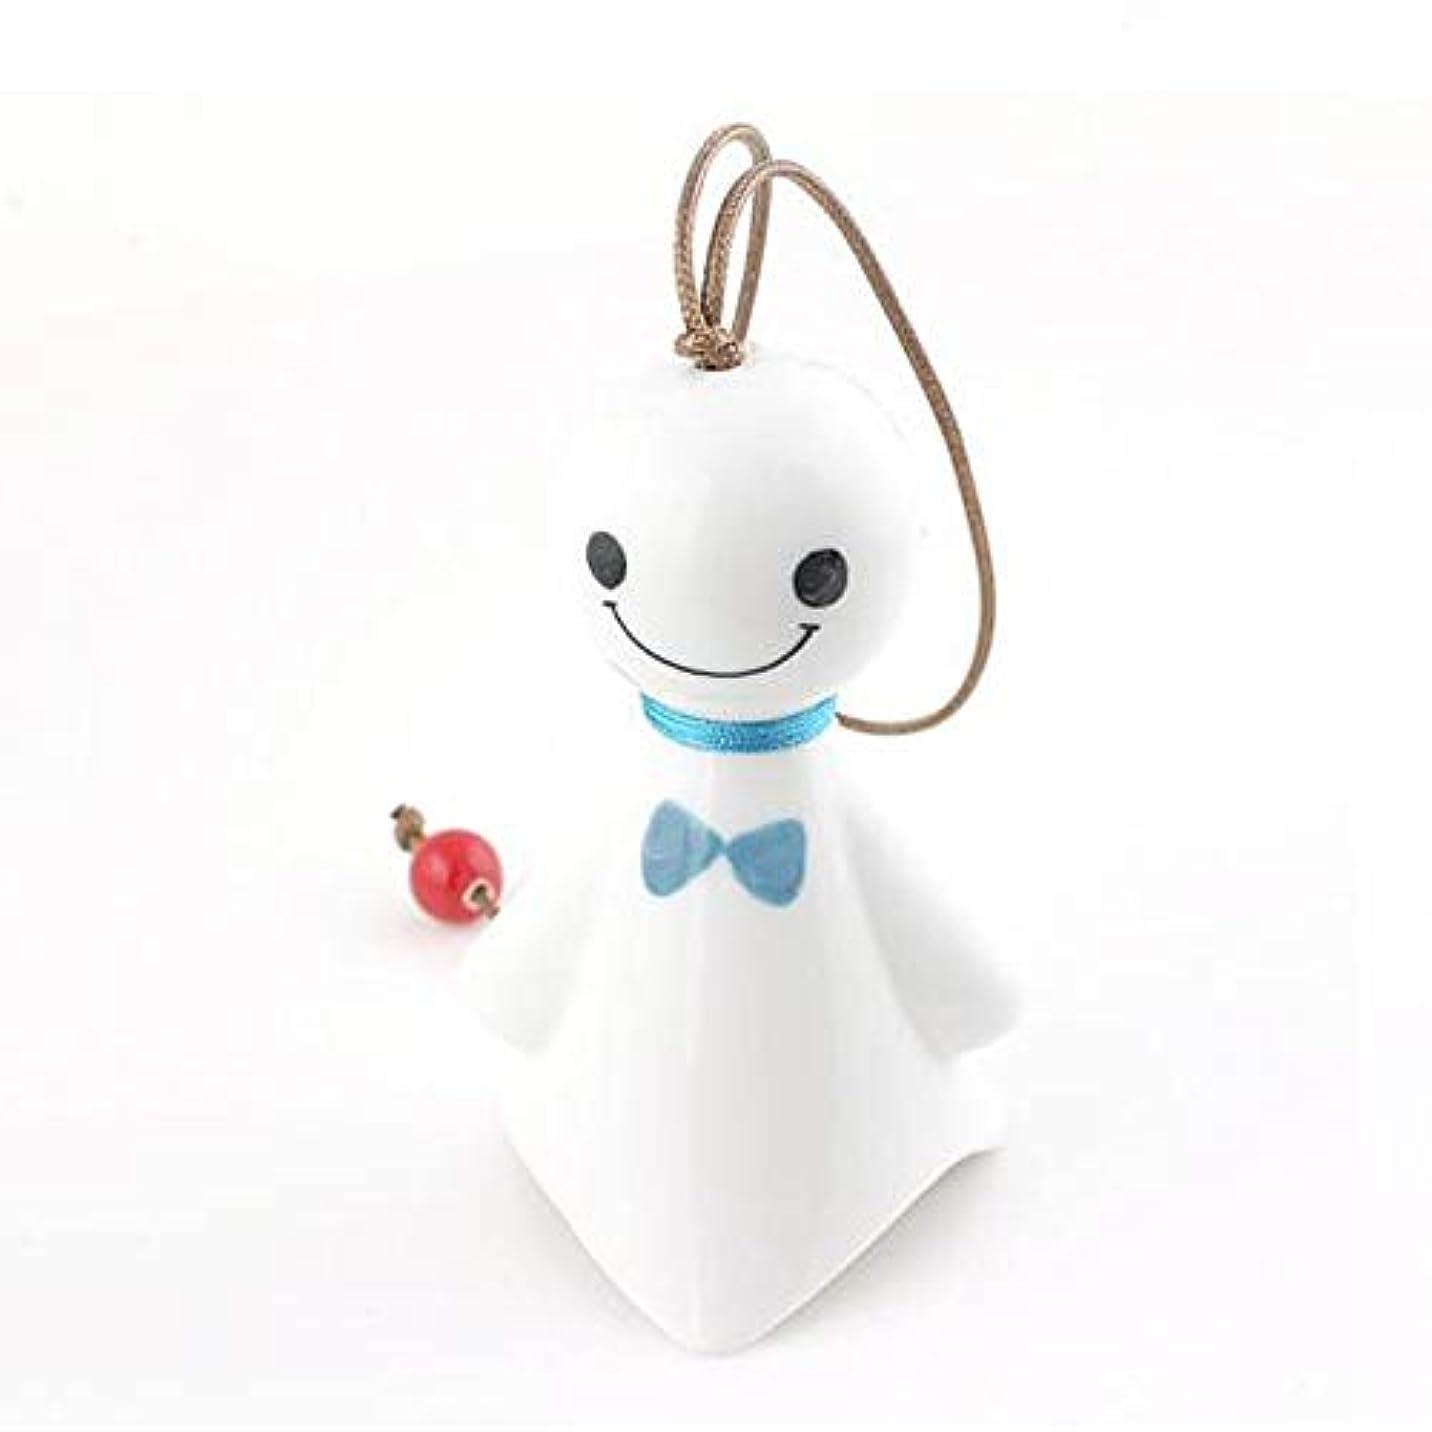 朝中絶高齢者Hongyuantongxun 風チャイム、クリエイティブ?陶磁器人形風の鐘、ブルー、6CMについて全長,、装飾品ペンダント (Color : Blue)